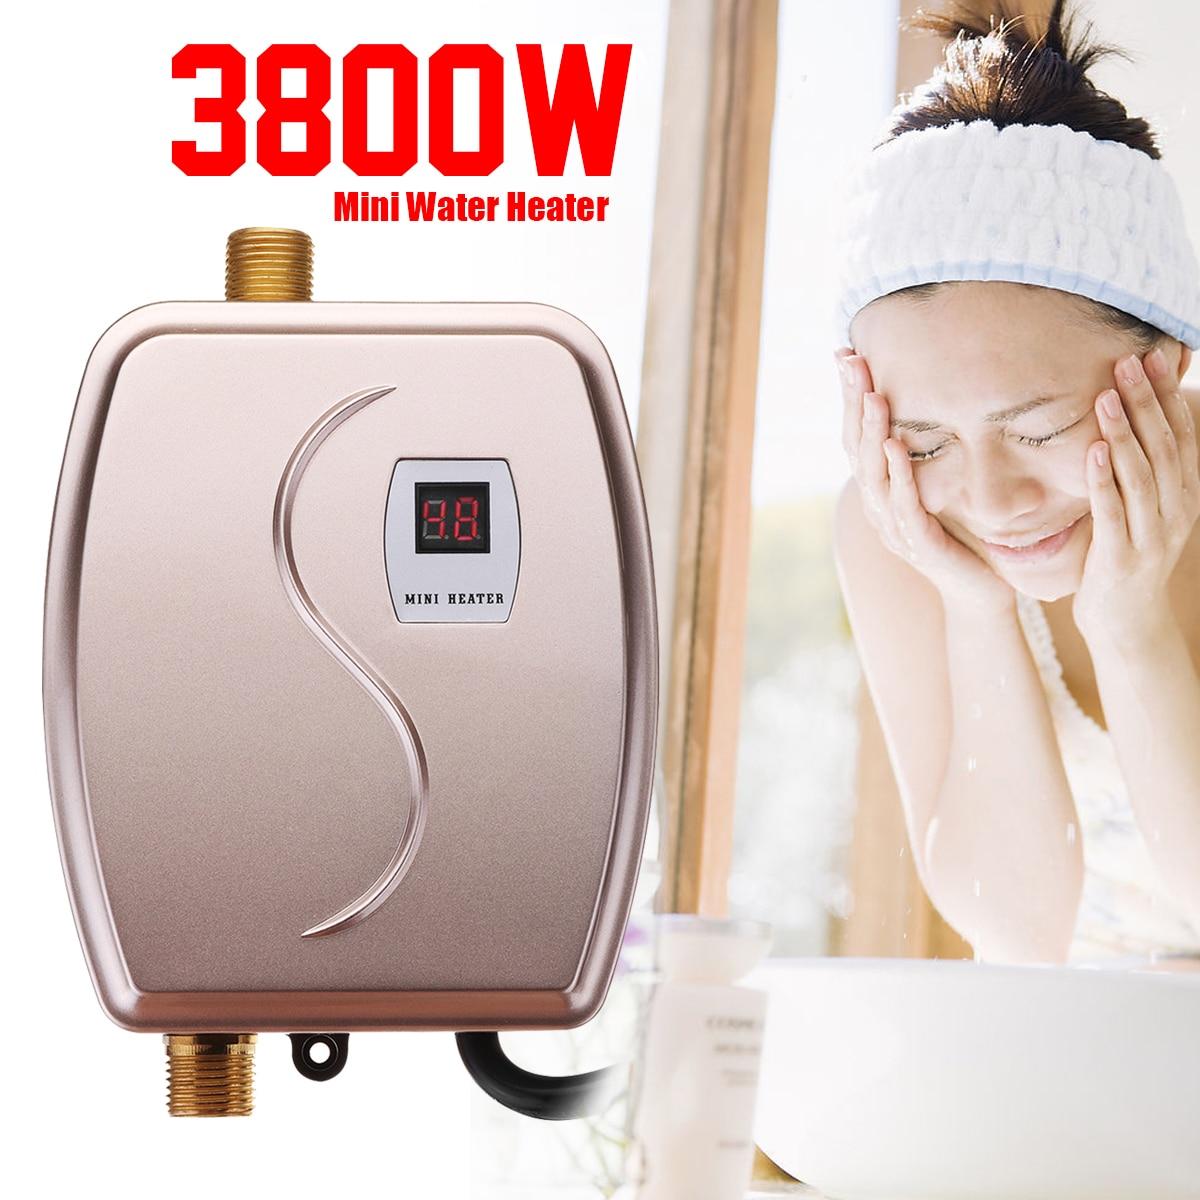 Горячие водонагреватель кран кухня нагрева 3800 Вт мини Tankless мгновение термостат США/ЕС Plug интеллектуальные энергосберегающие Водонепрониц...